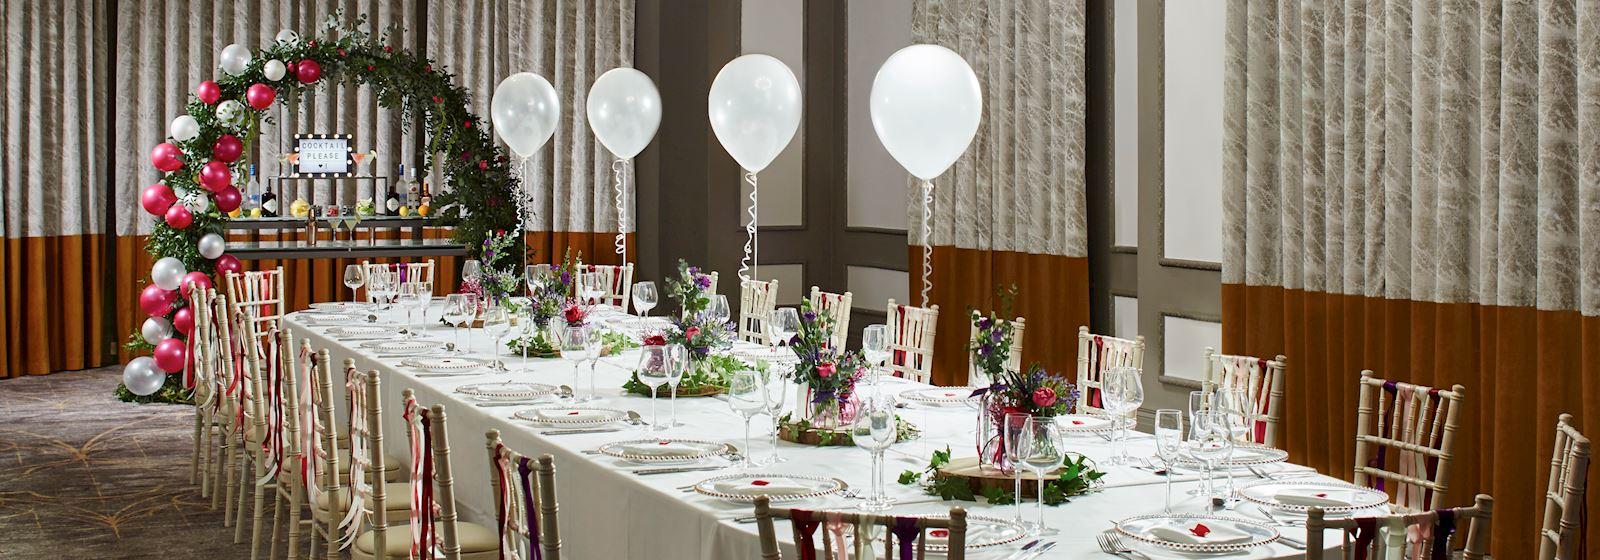 Bristol Marriott Royal Hotel Special Occasions